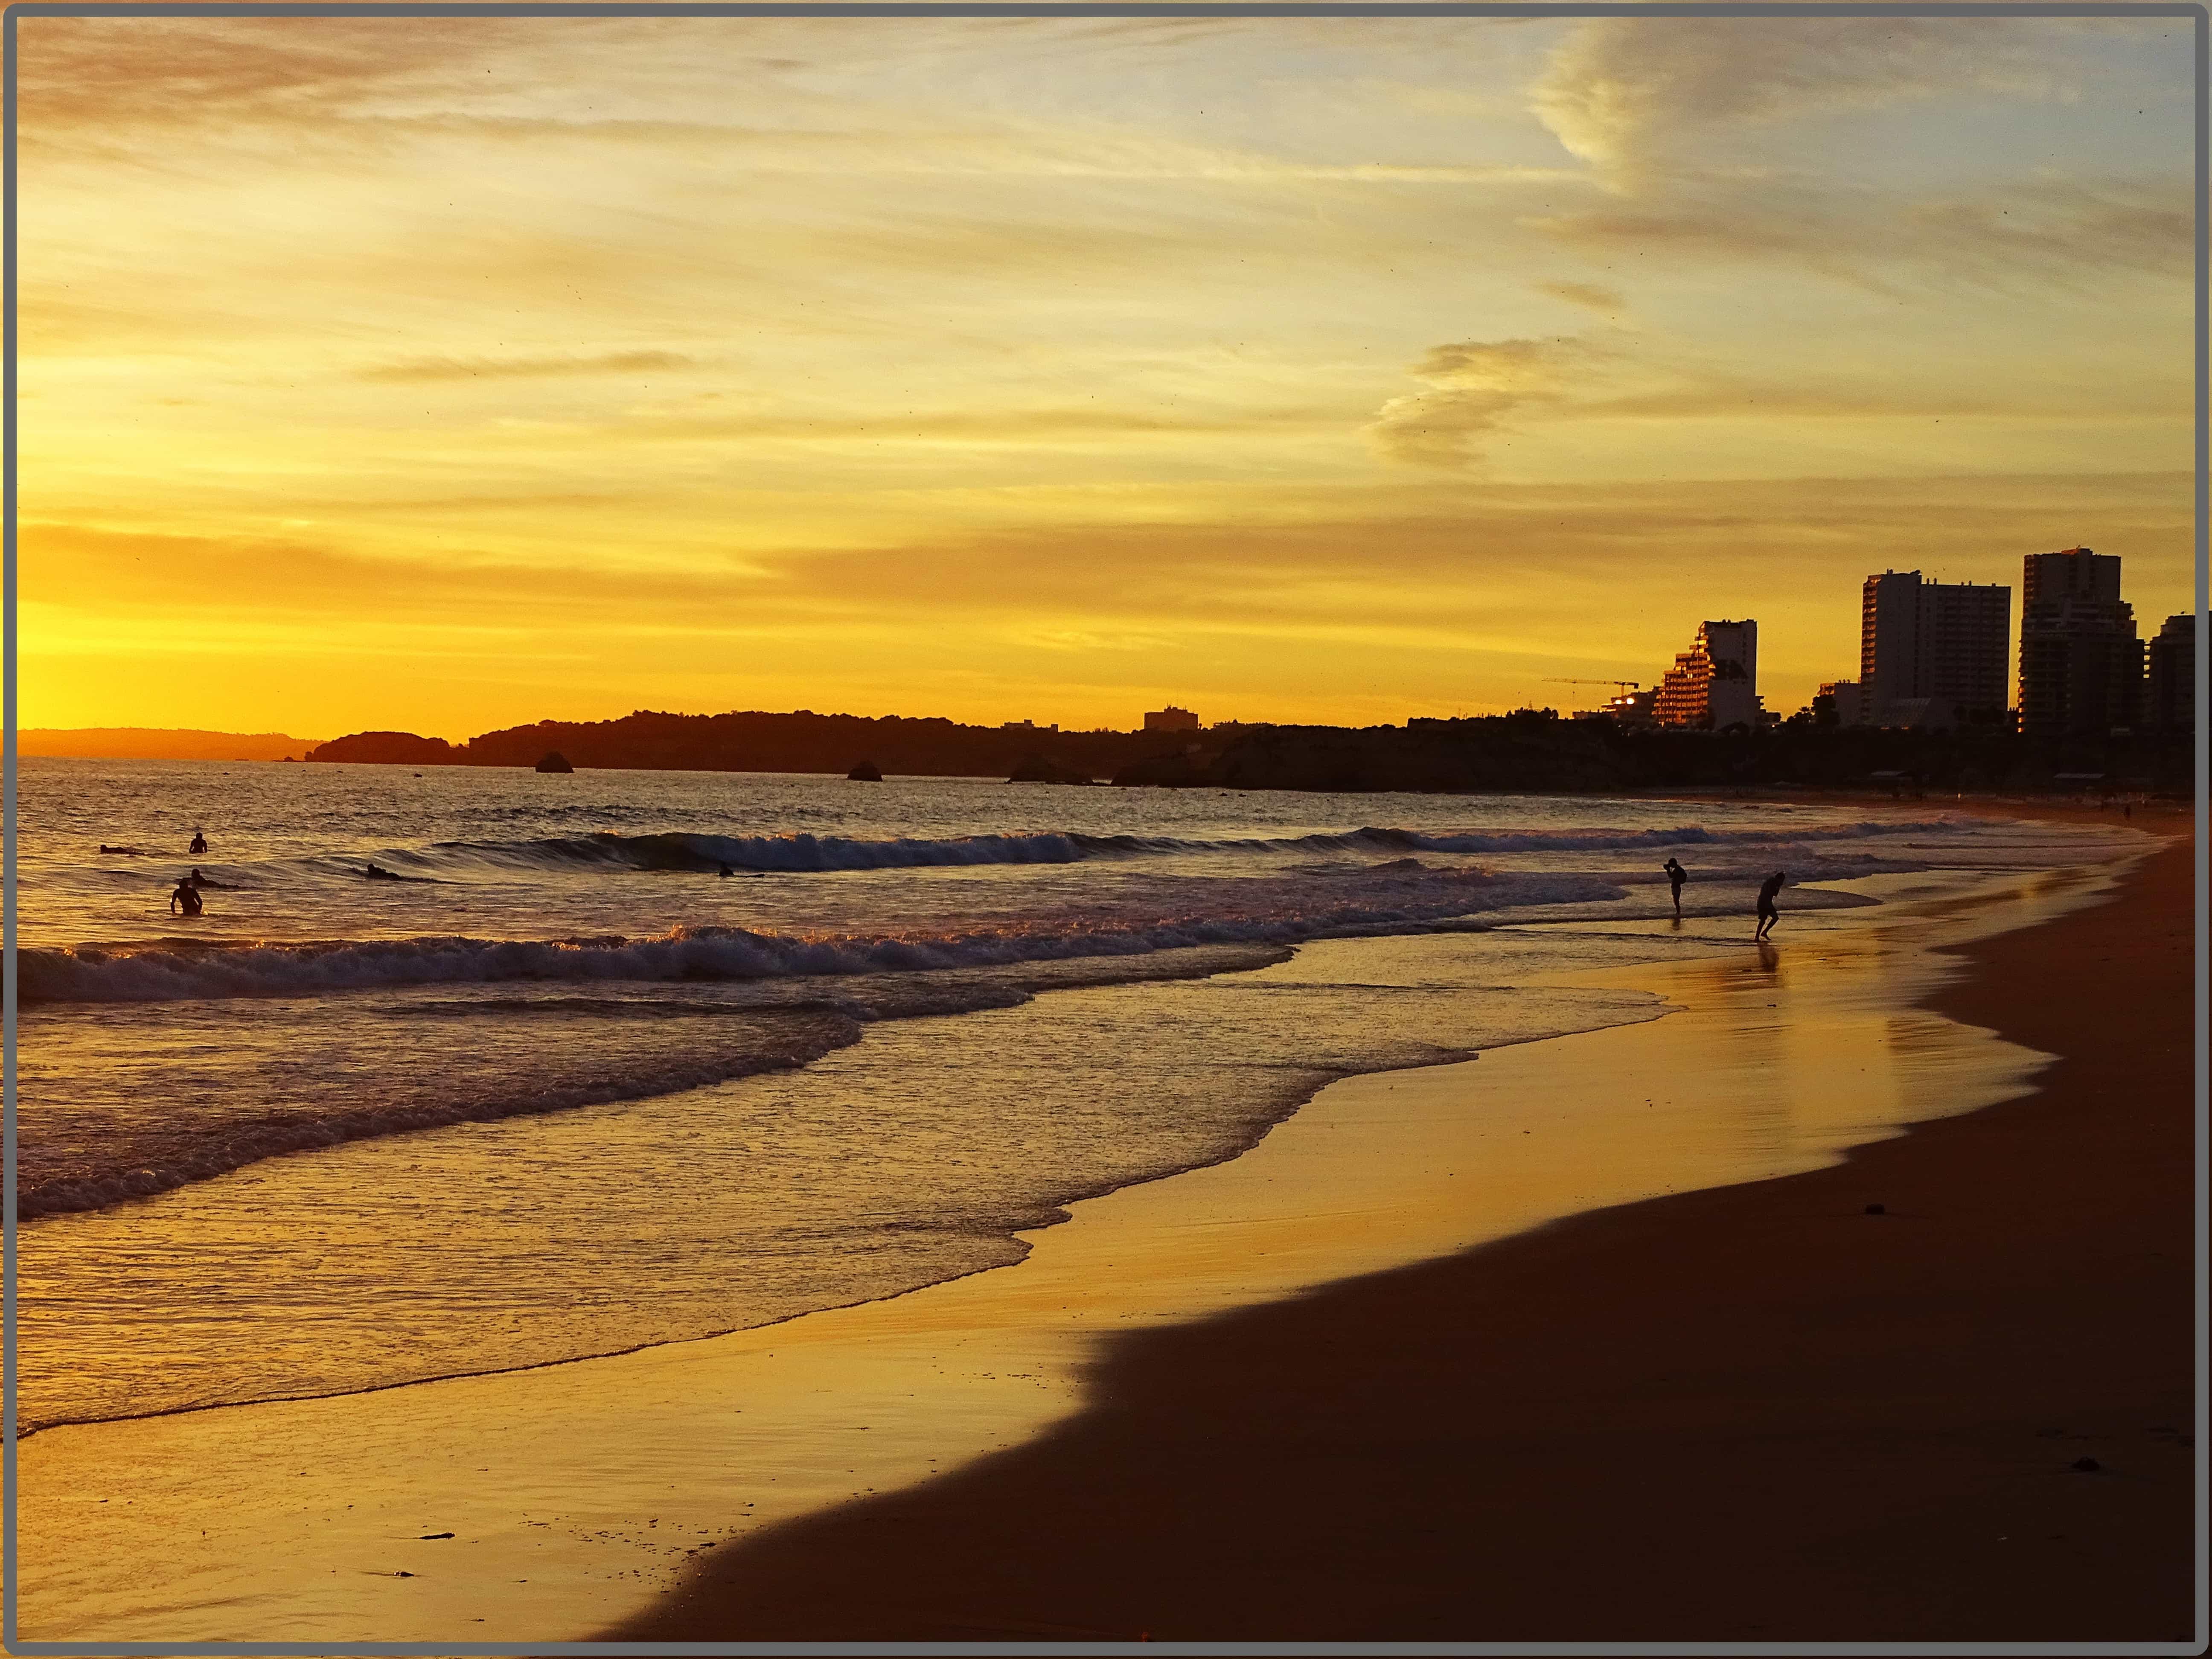 Beaches in Algarve, Praia da Rocha